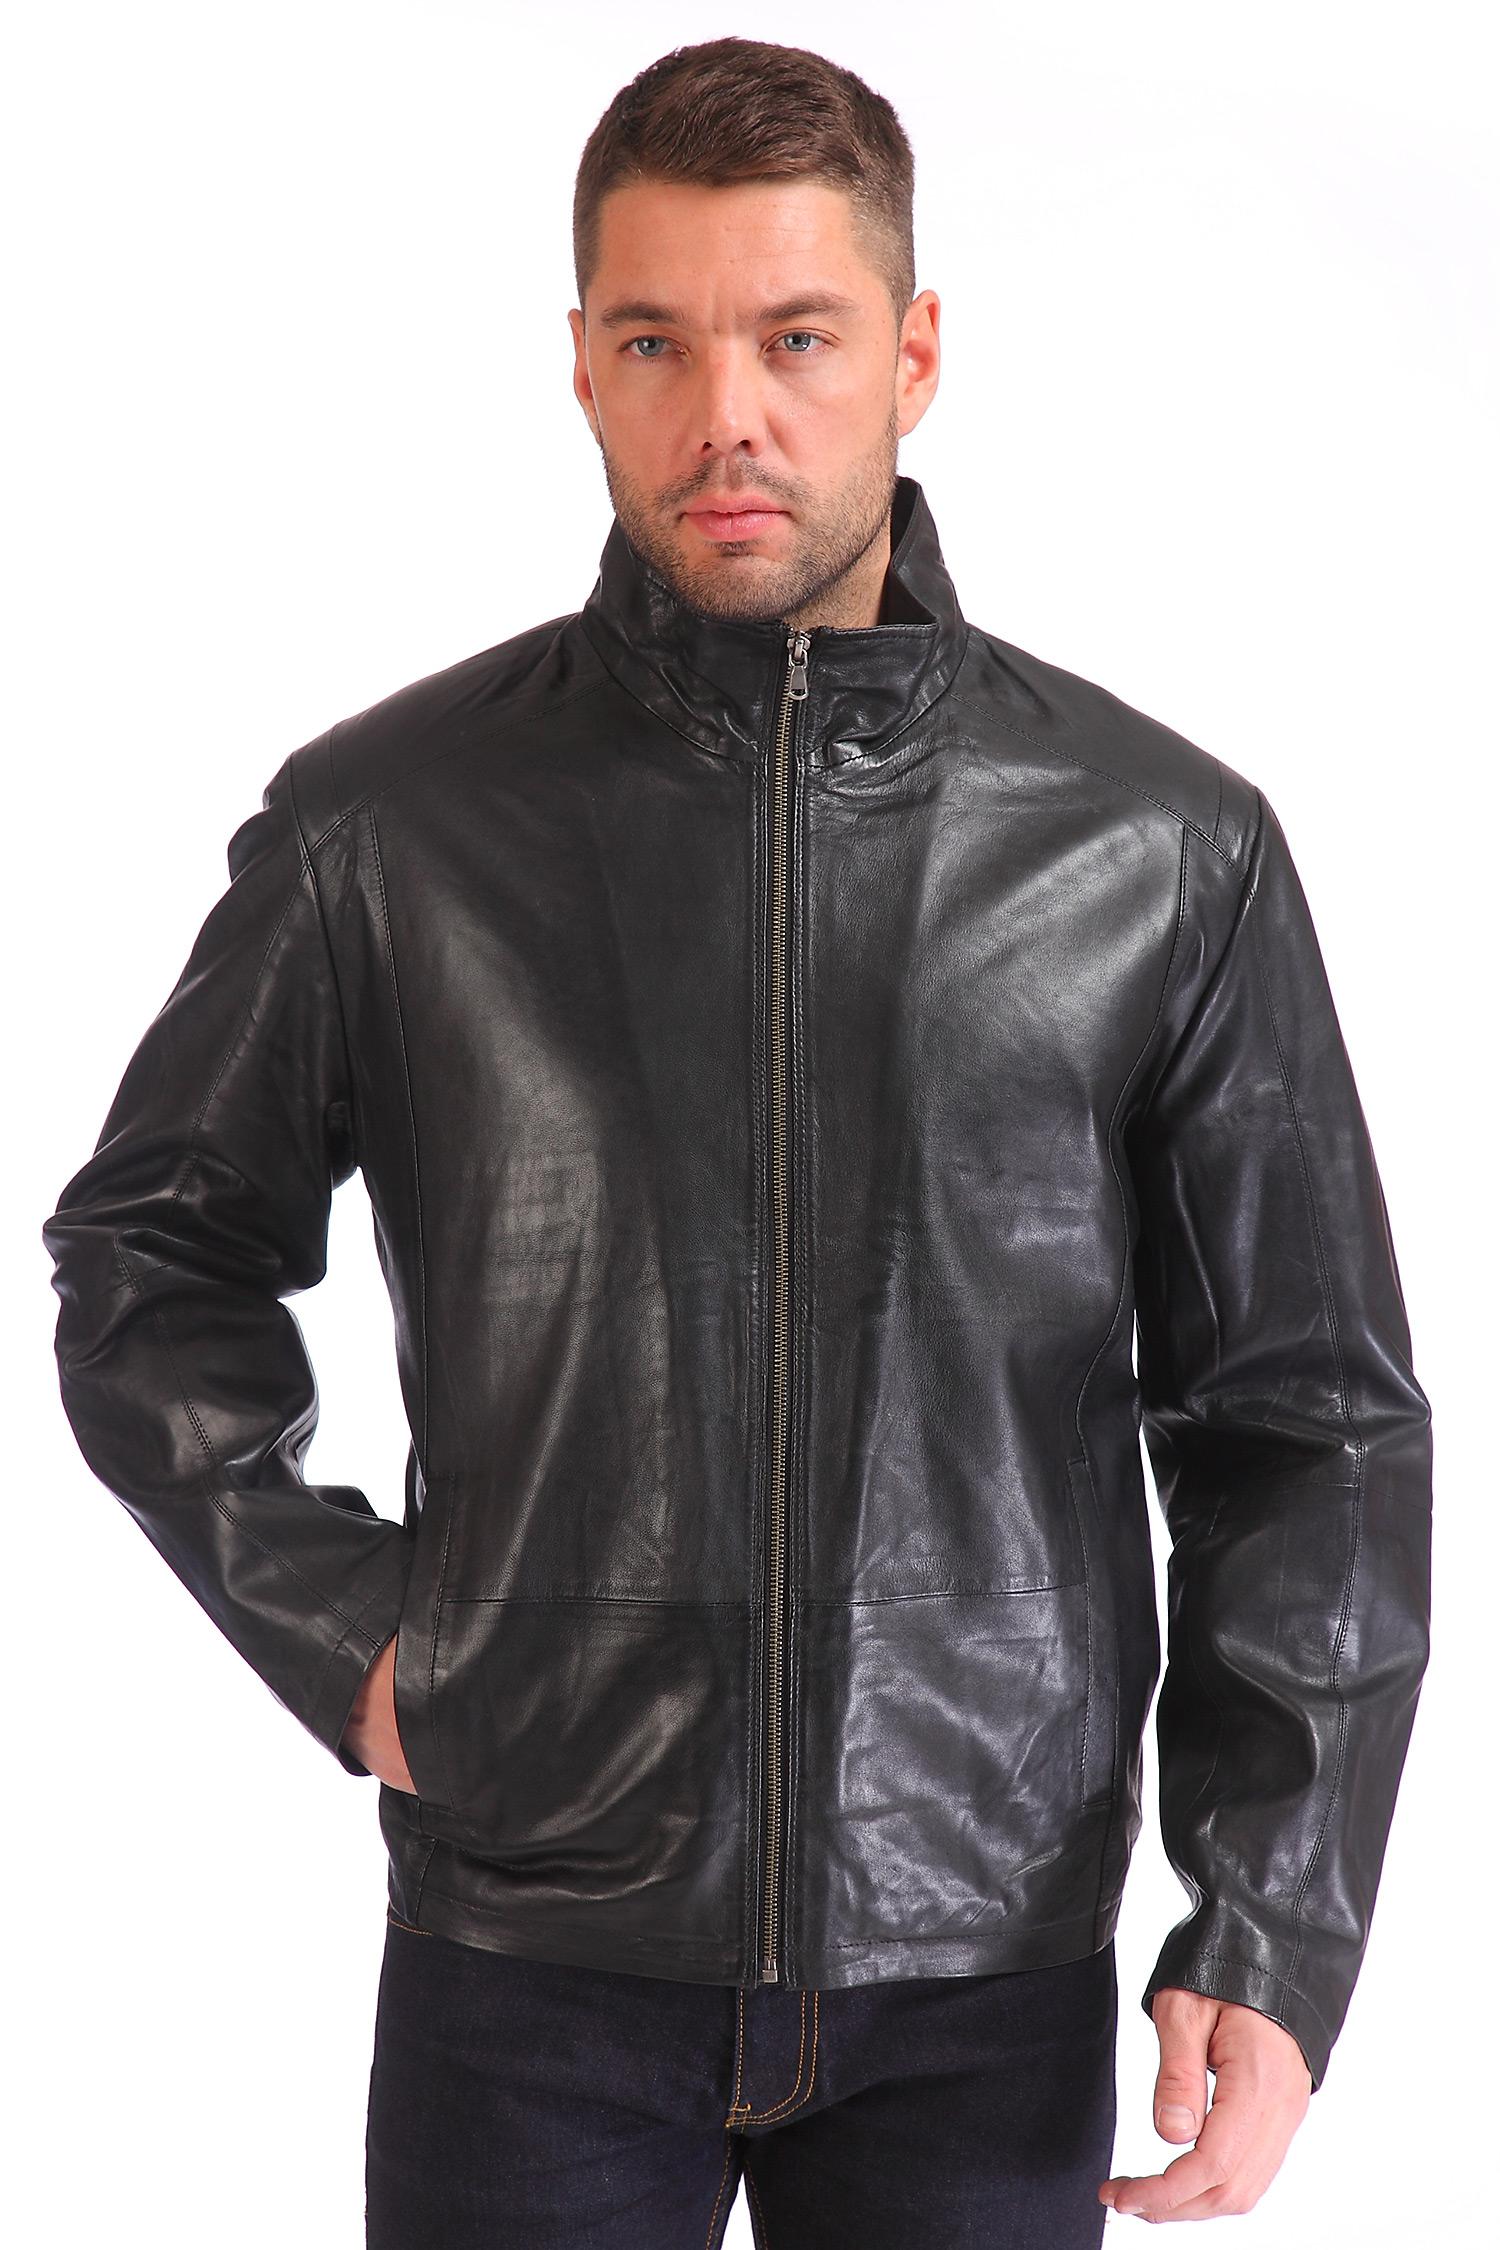 Мужская кожаная куртка из натуральной кожи<br><br>Длина см: Короткая (51-74 )<br>Материал: Кожа овчина<br>Цвет: черный<br>Застежка: на молнии<br>Пол: Мужской<br>Размер RU: 56-58